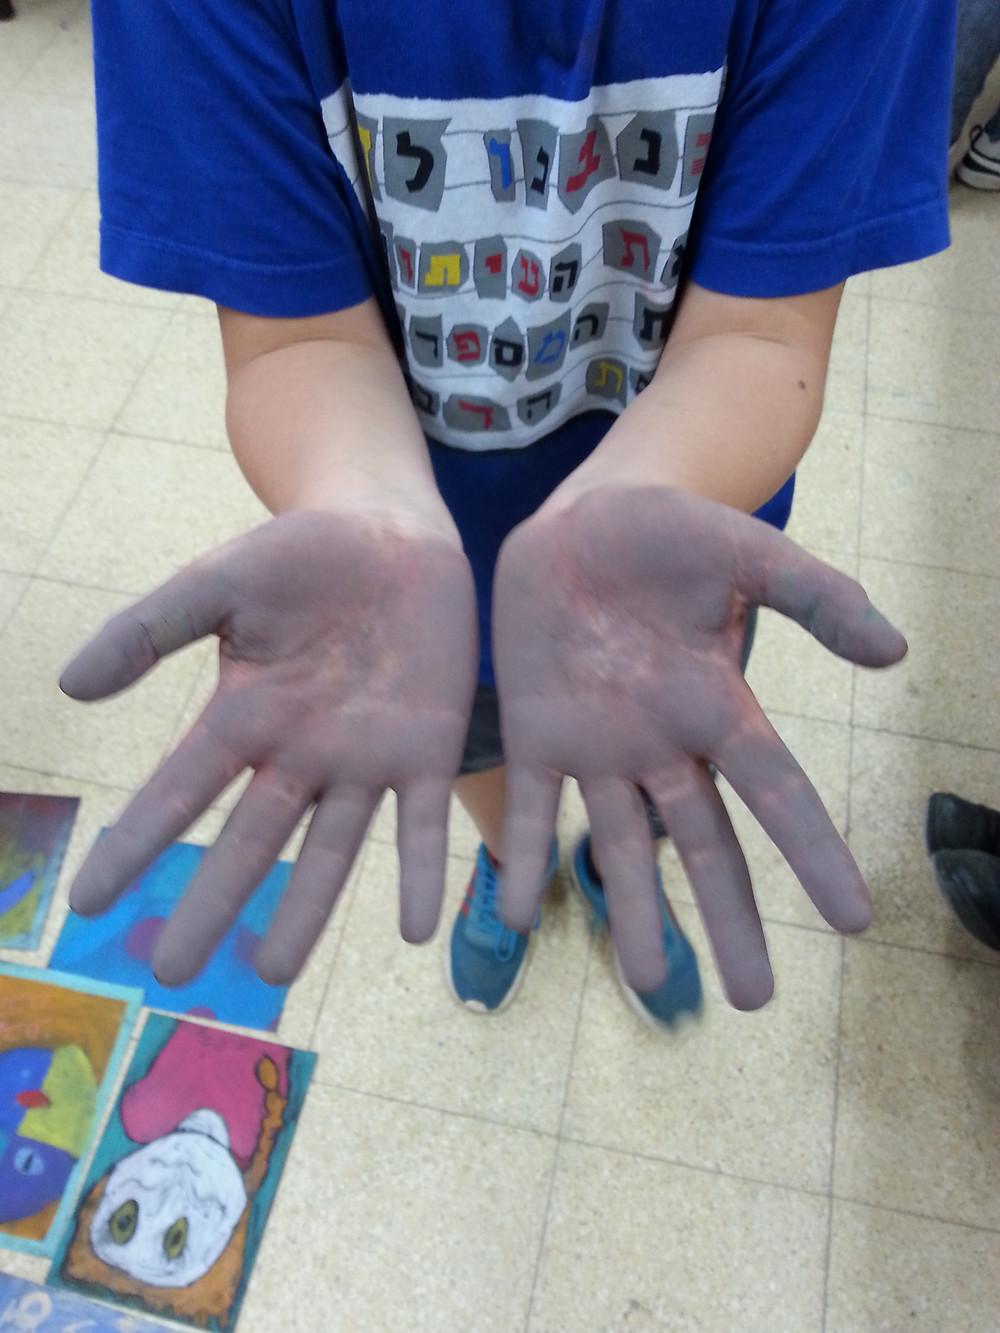 ידיים של ילד על רקע ציור אינטואיטיבי